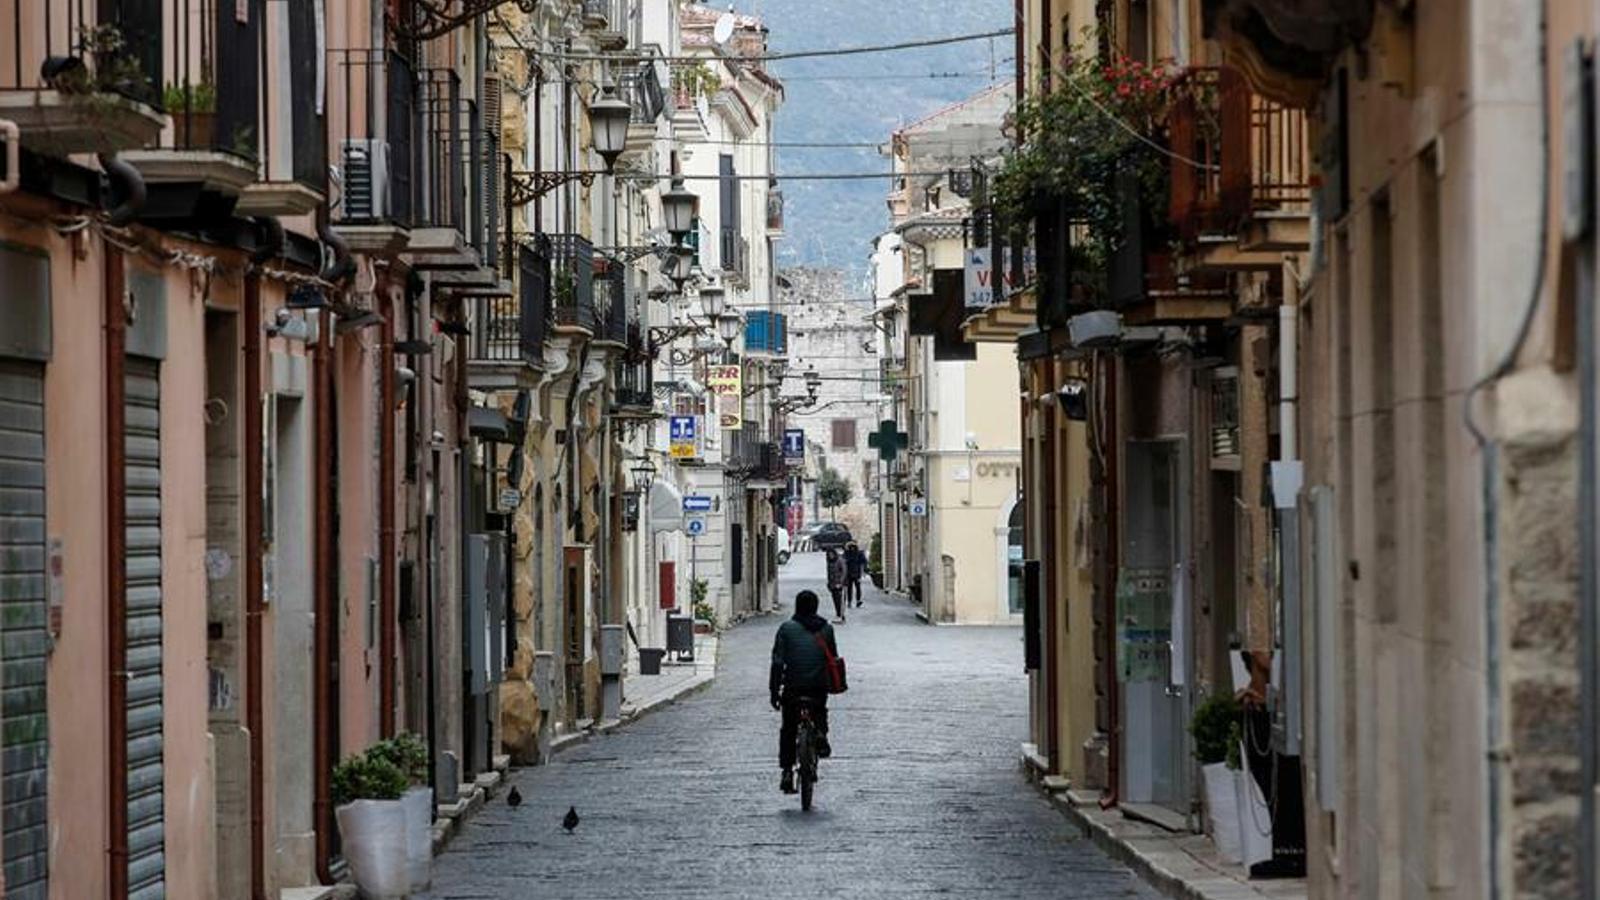 Carrers buits a la ciutat italiana de Fonti, prop de Roma.